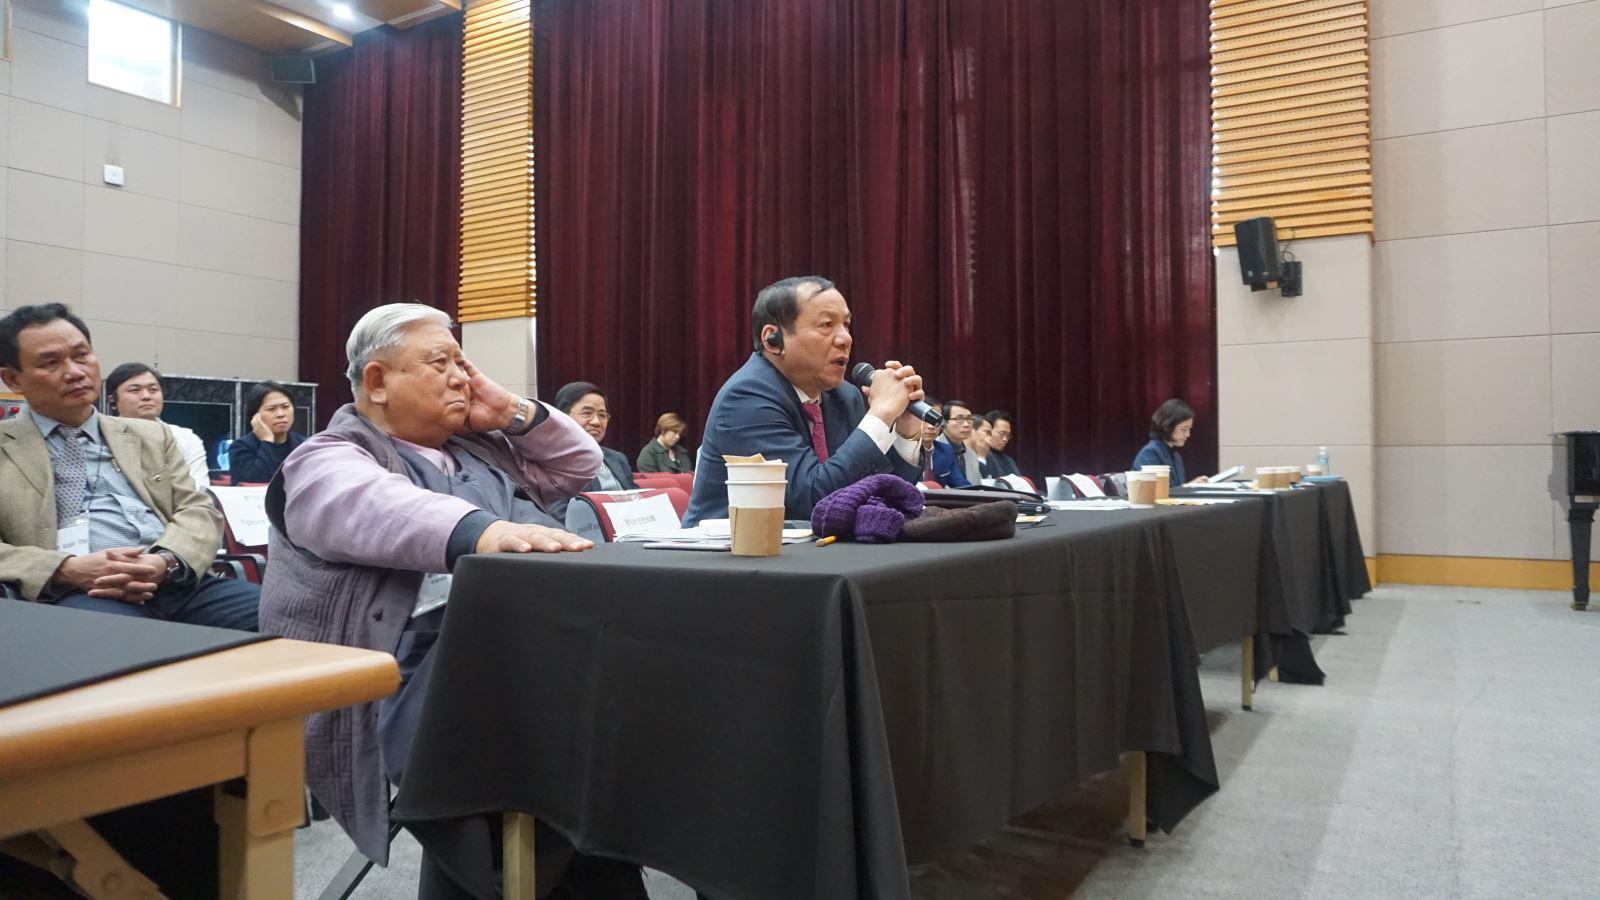 Bí thư Tỉnh ủy Nguyễn Văn Hùng dự Diễn đàn hợp tác phát triển lần thứ 22 tại Hàn Quốc